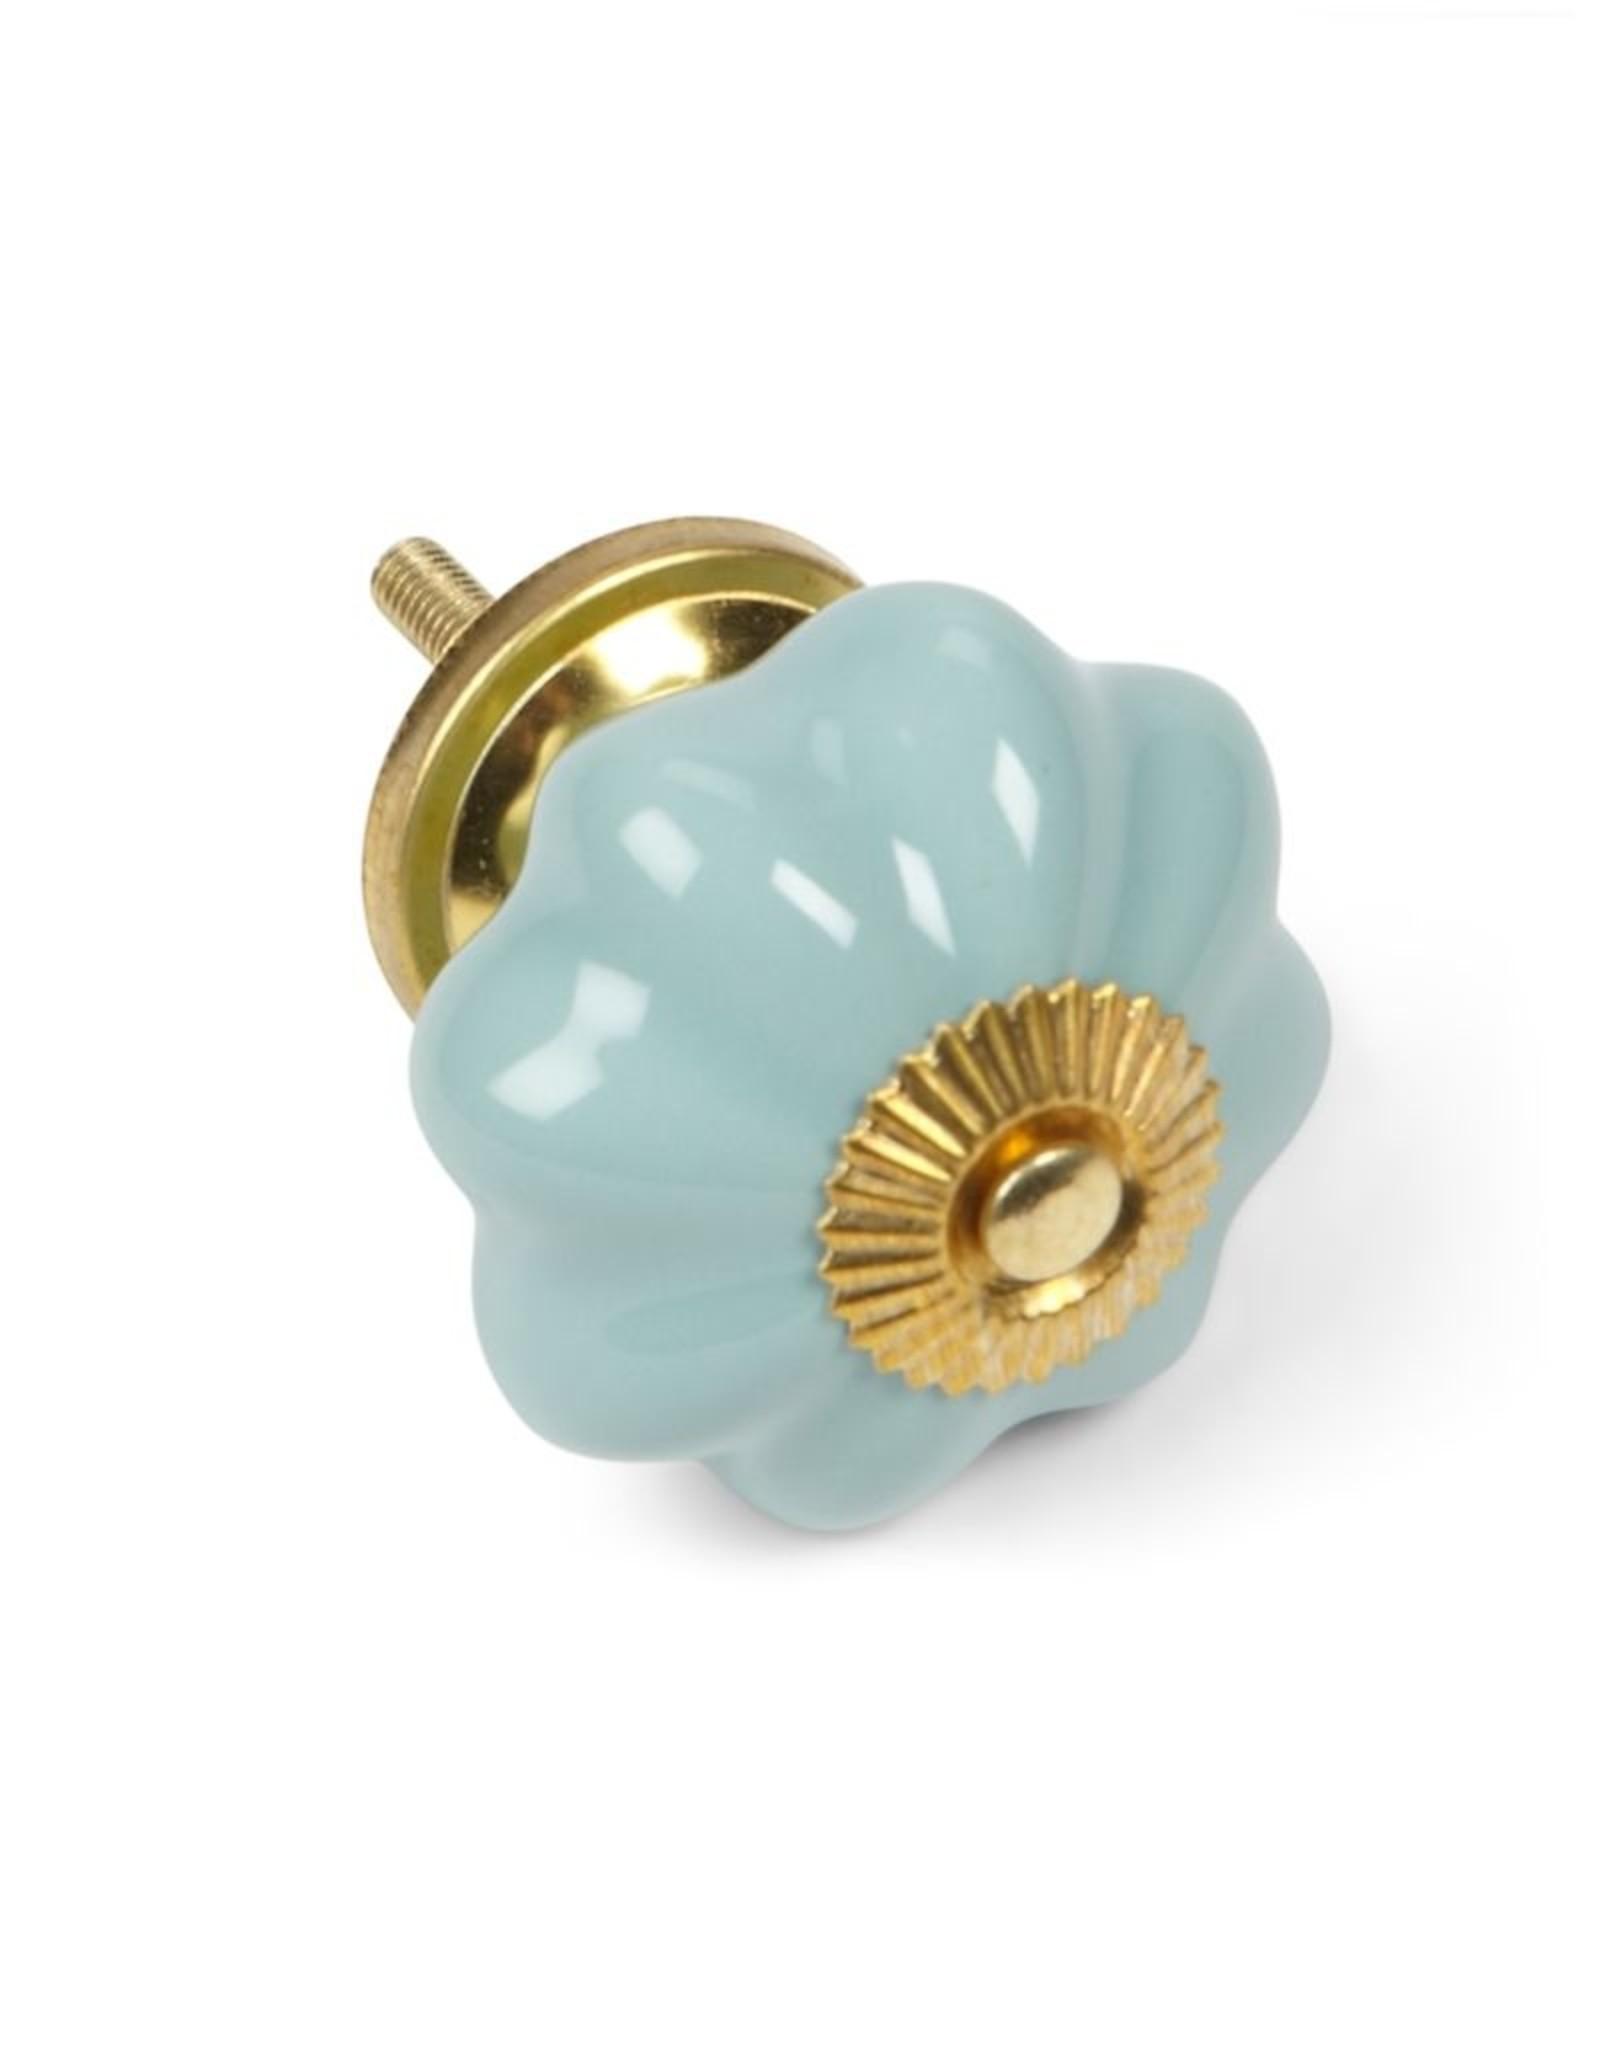 Abbott Pumpkin ceramic knob